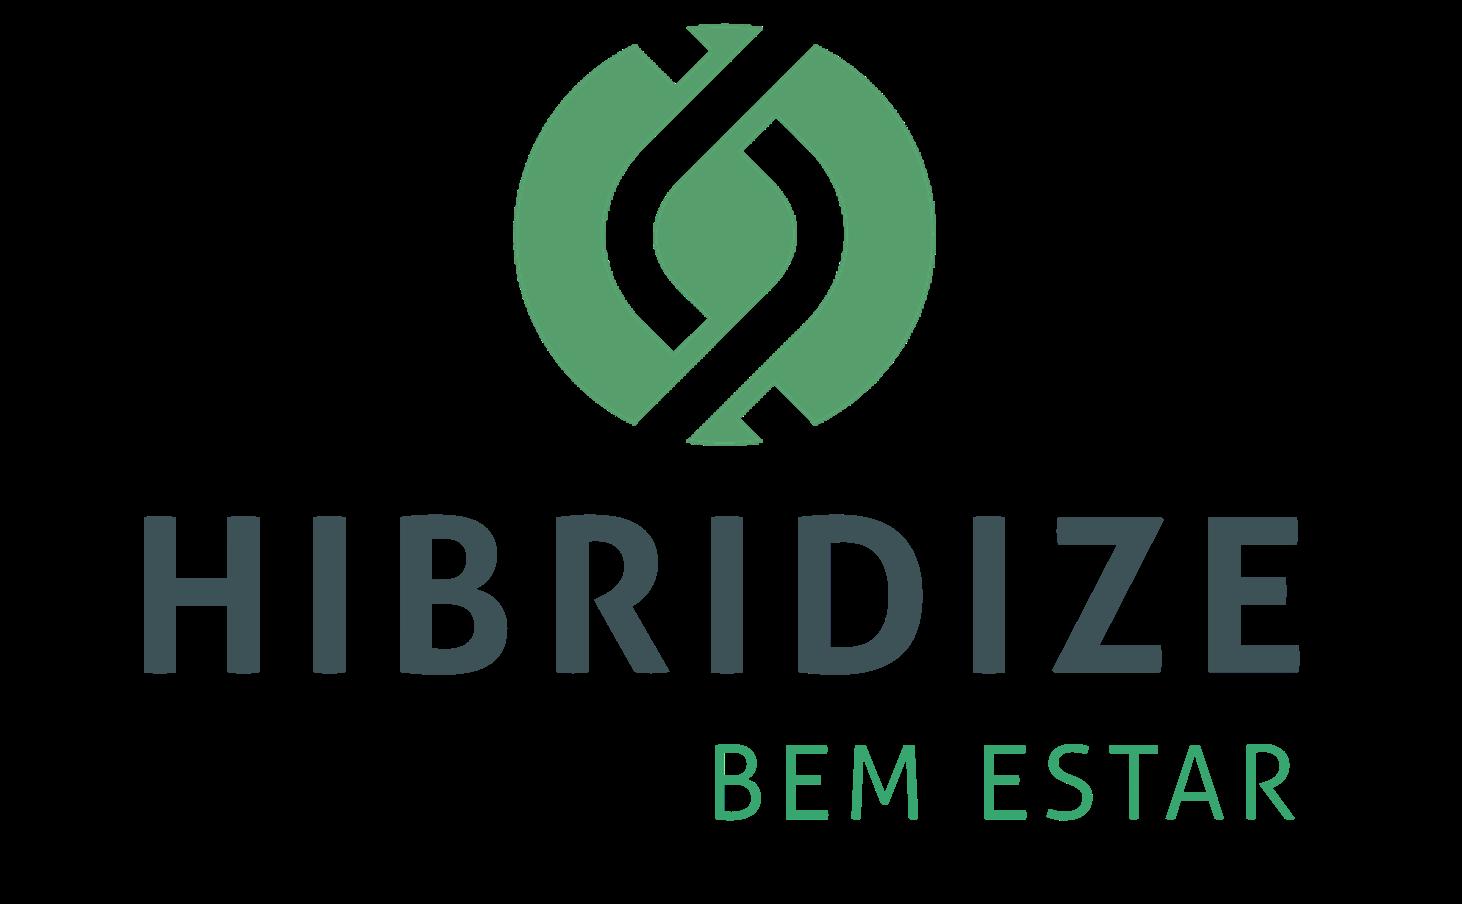 Logo_Hibridize_BemEstar